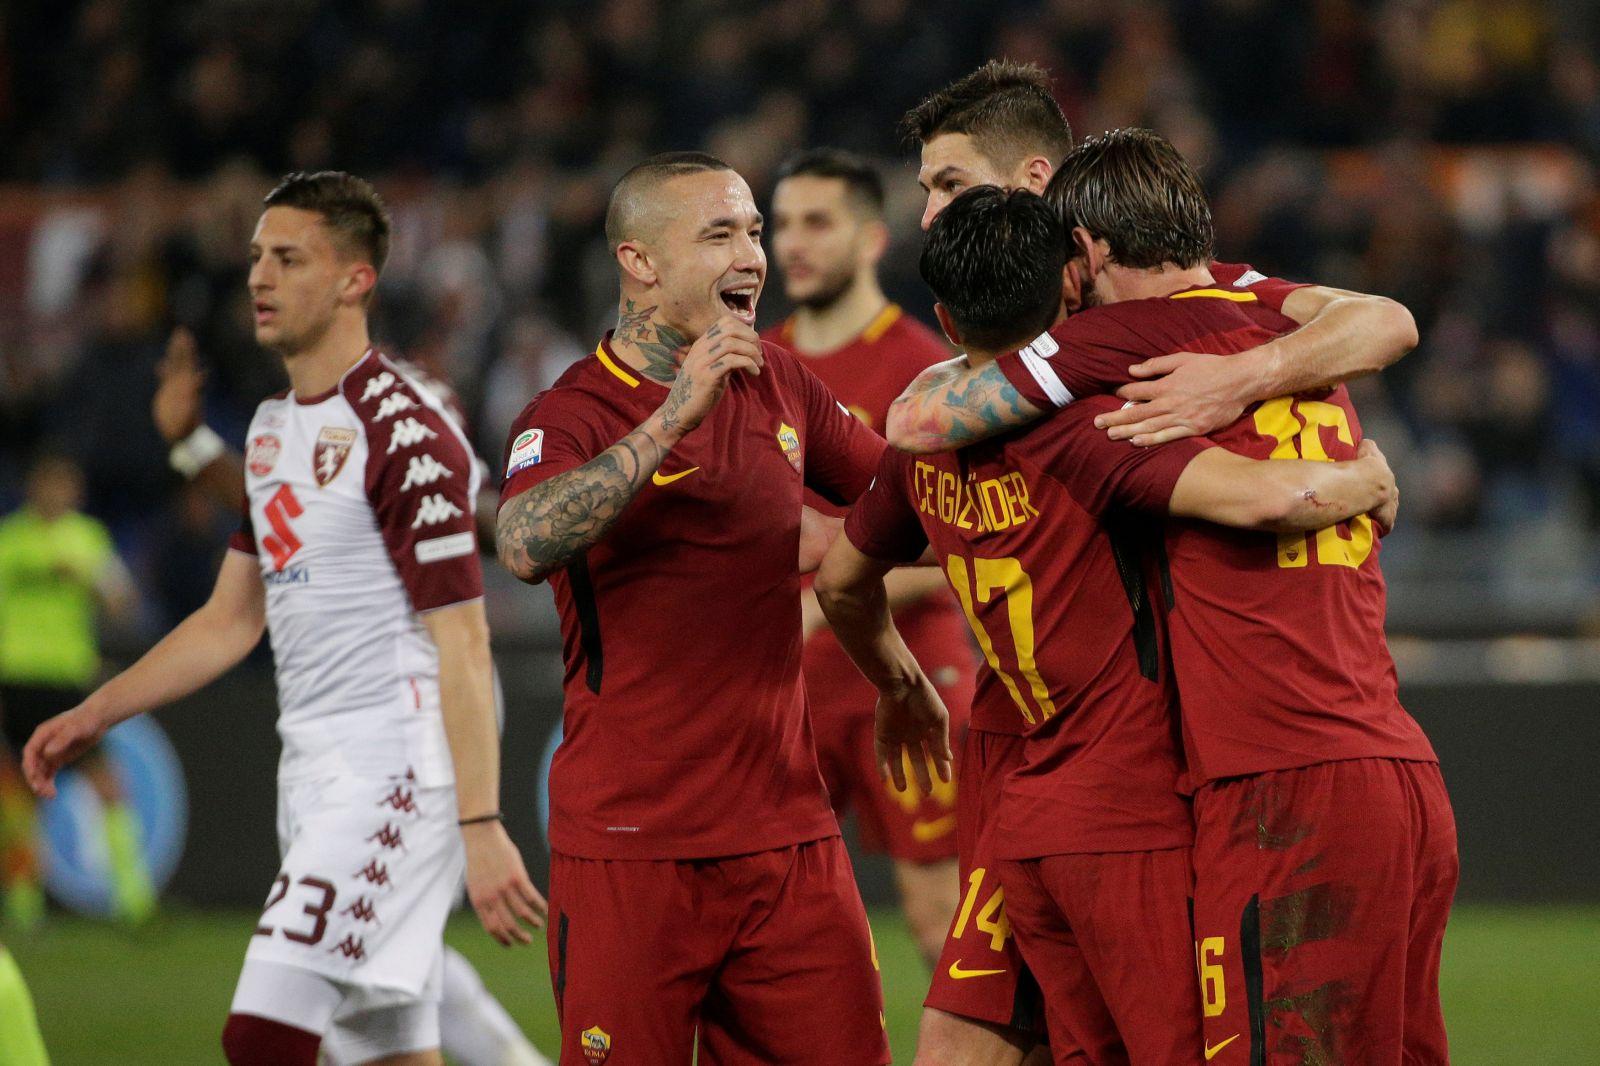 Niềm vui của các cầu thủ Roma sau khi ghi bàn vào lưới Torino. Ảnh: REUTERS